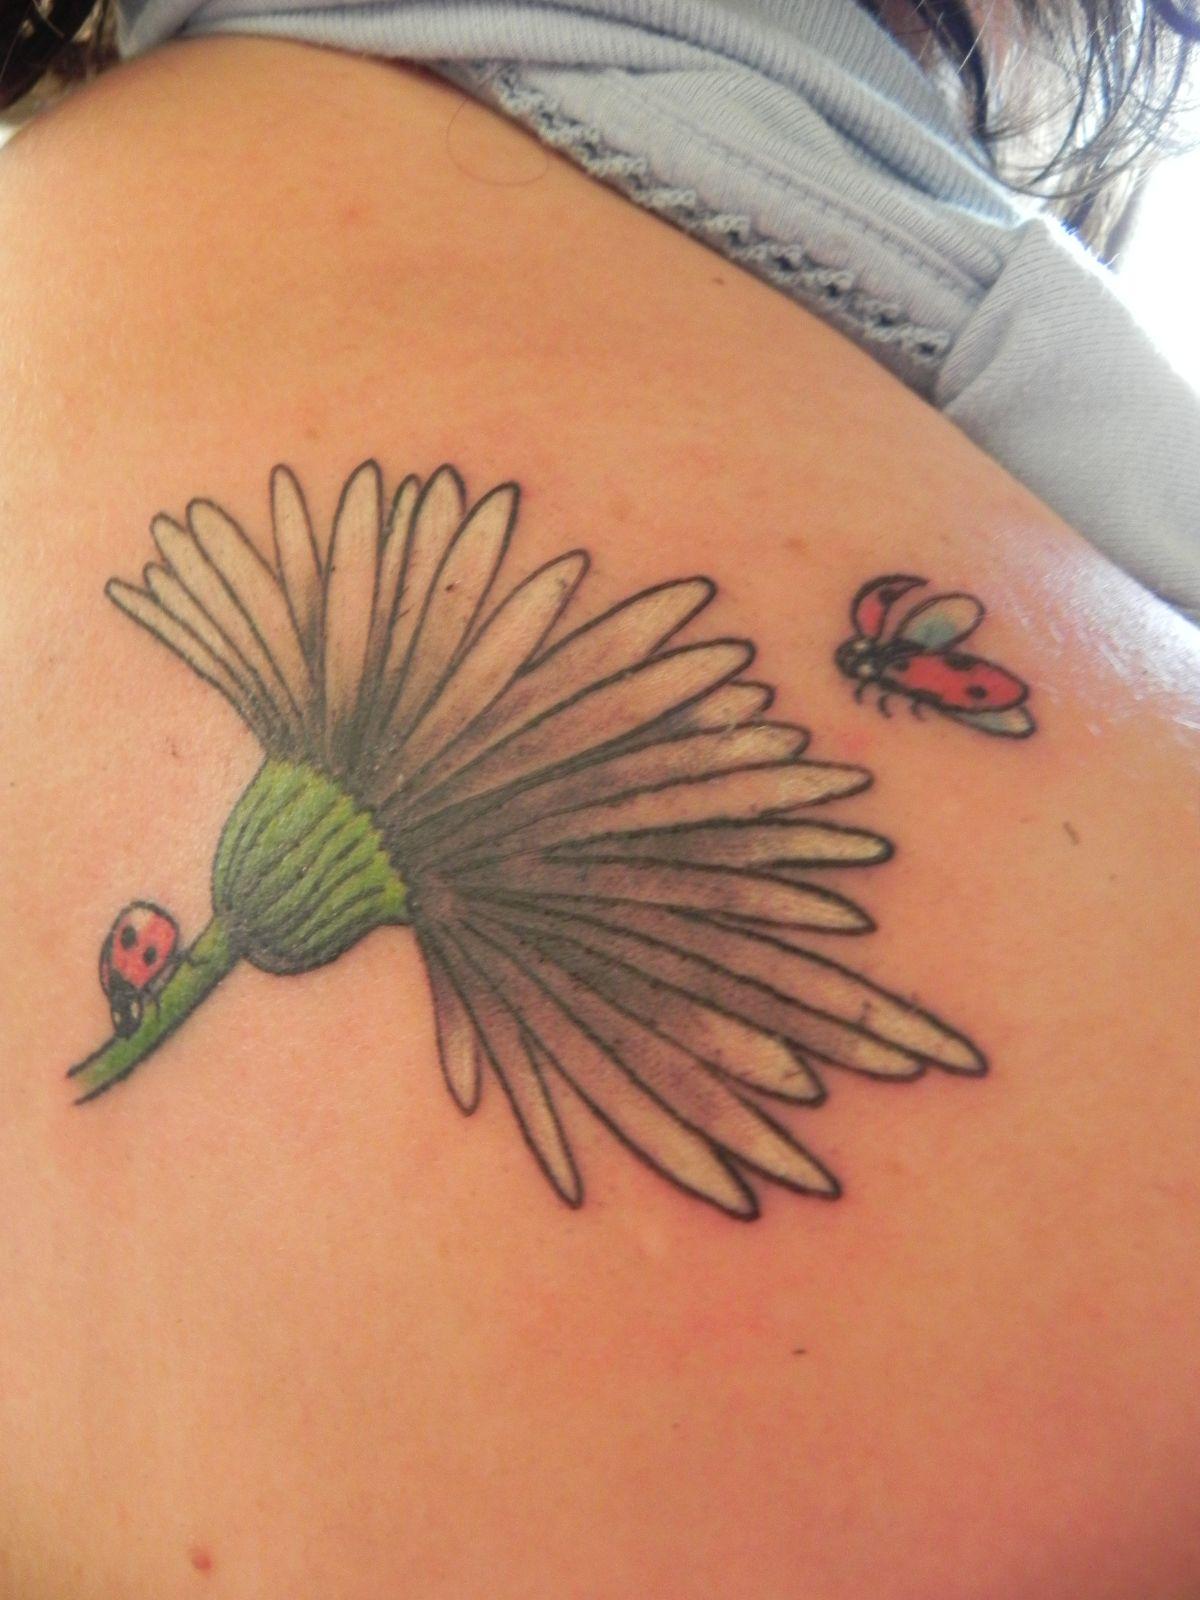 Ladybugs And Daisy Body Art Tattoo Platsburgh Ny Burlington Vt Body Art Tattoos Lady Bug Tattoo